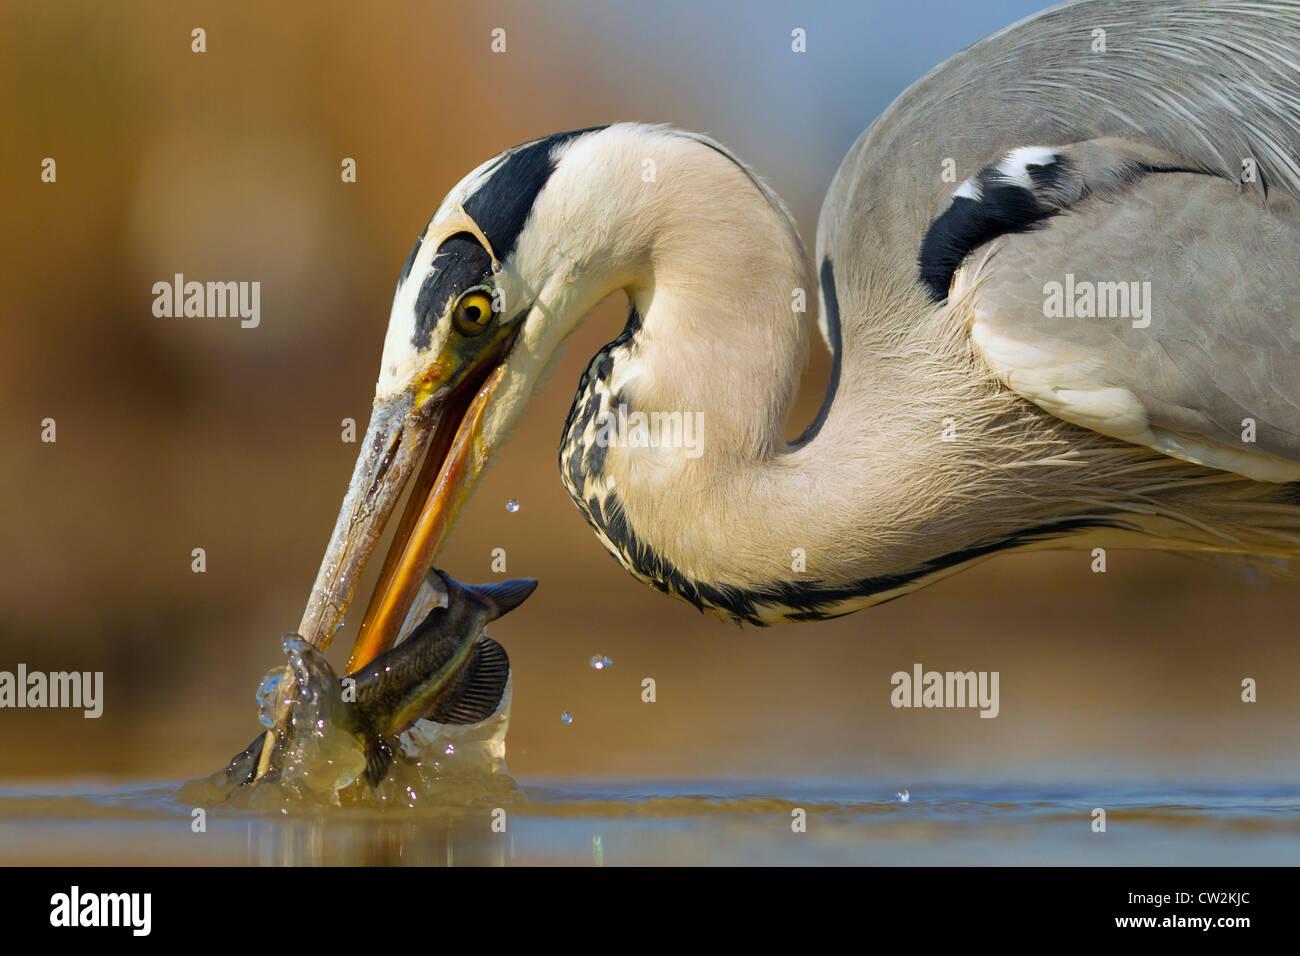 Garza real (Ardea cinerea)con un pez en su pico.hambre Imagen De Stock